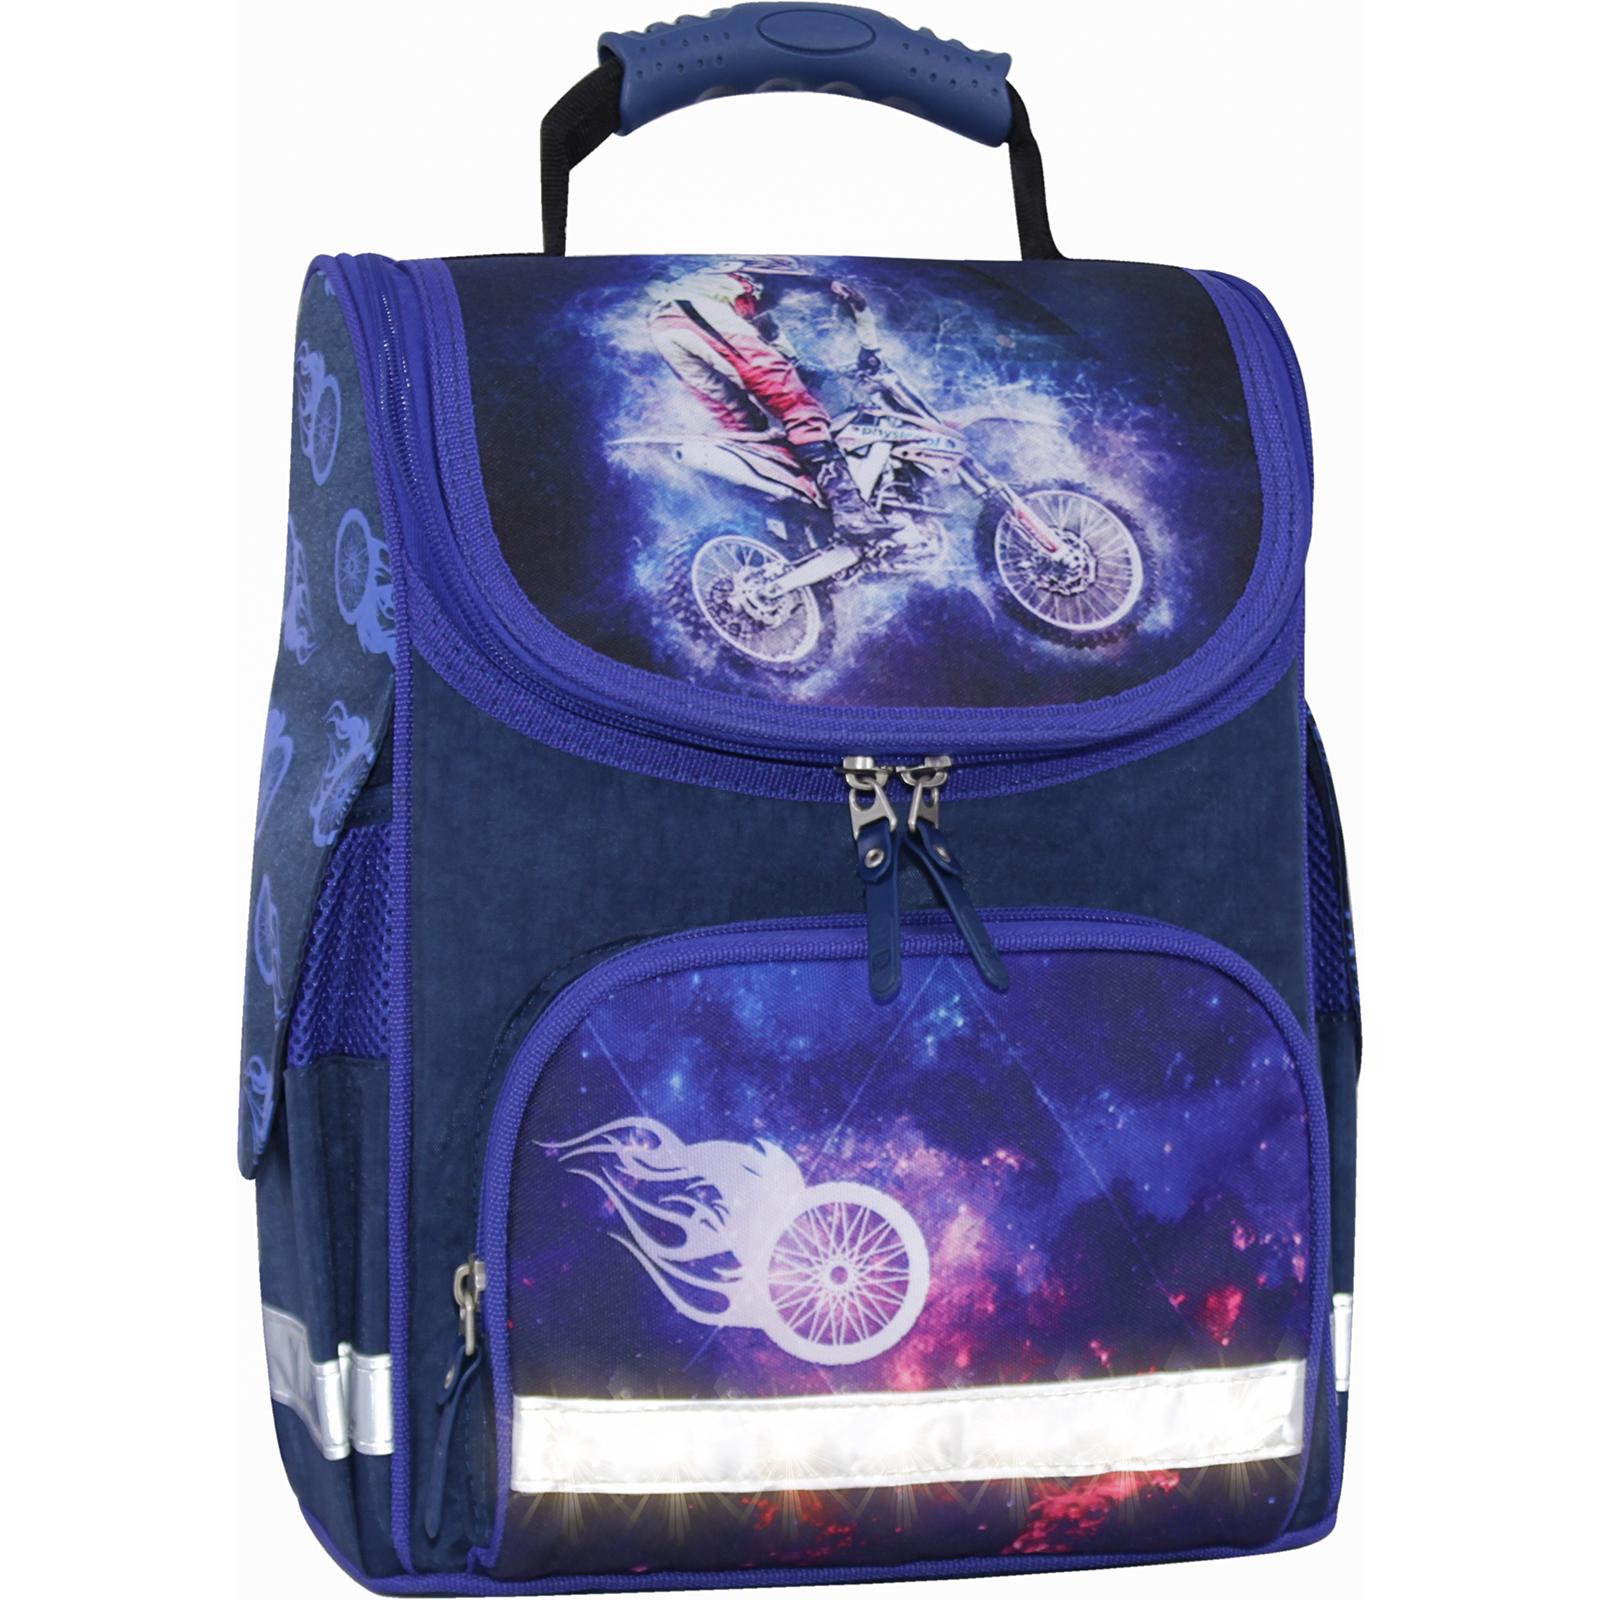 Школьные рюкзаки Рюкзак школьный каркасный с фонариками Bagland Успех 12 л. синий 507 (00551703) IMG_3725свет.суб507-1600.jpg